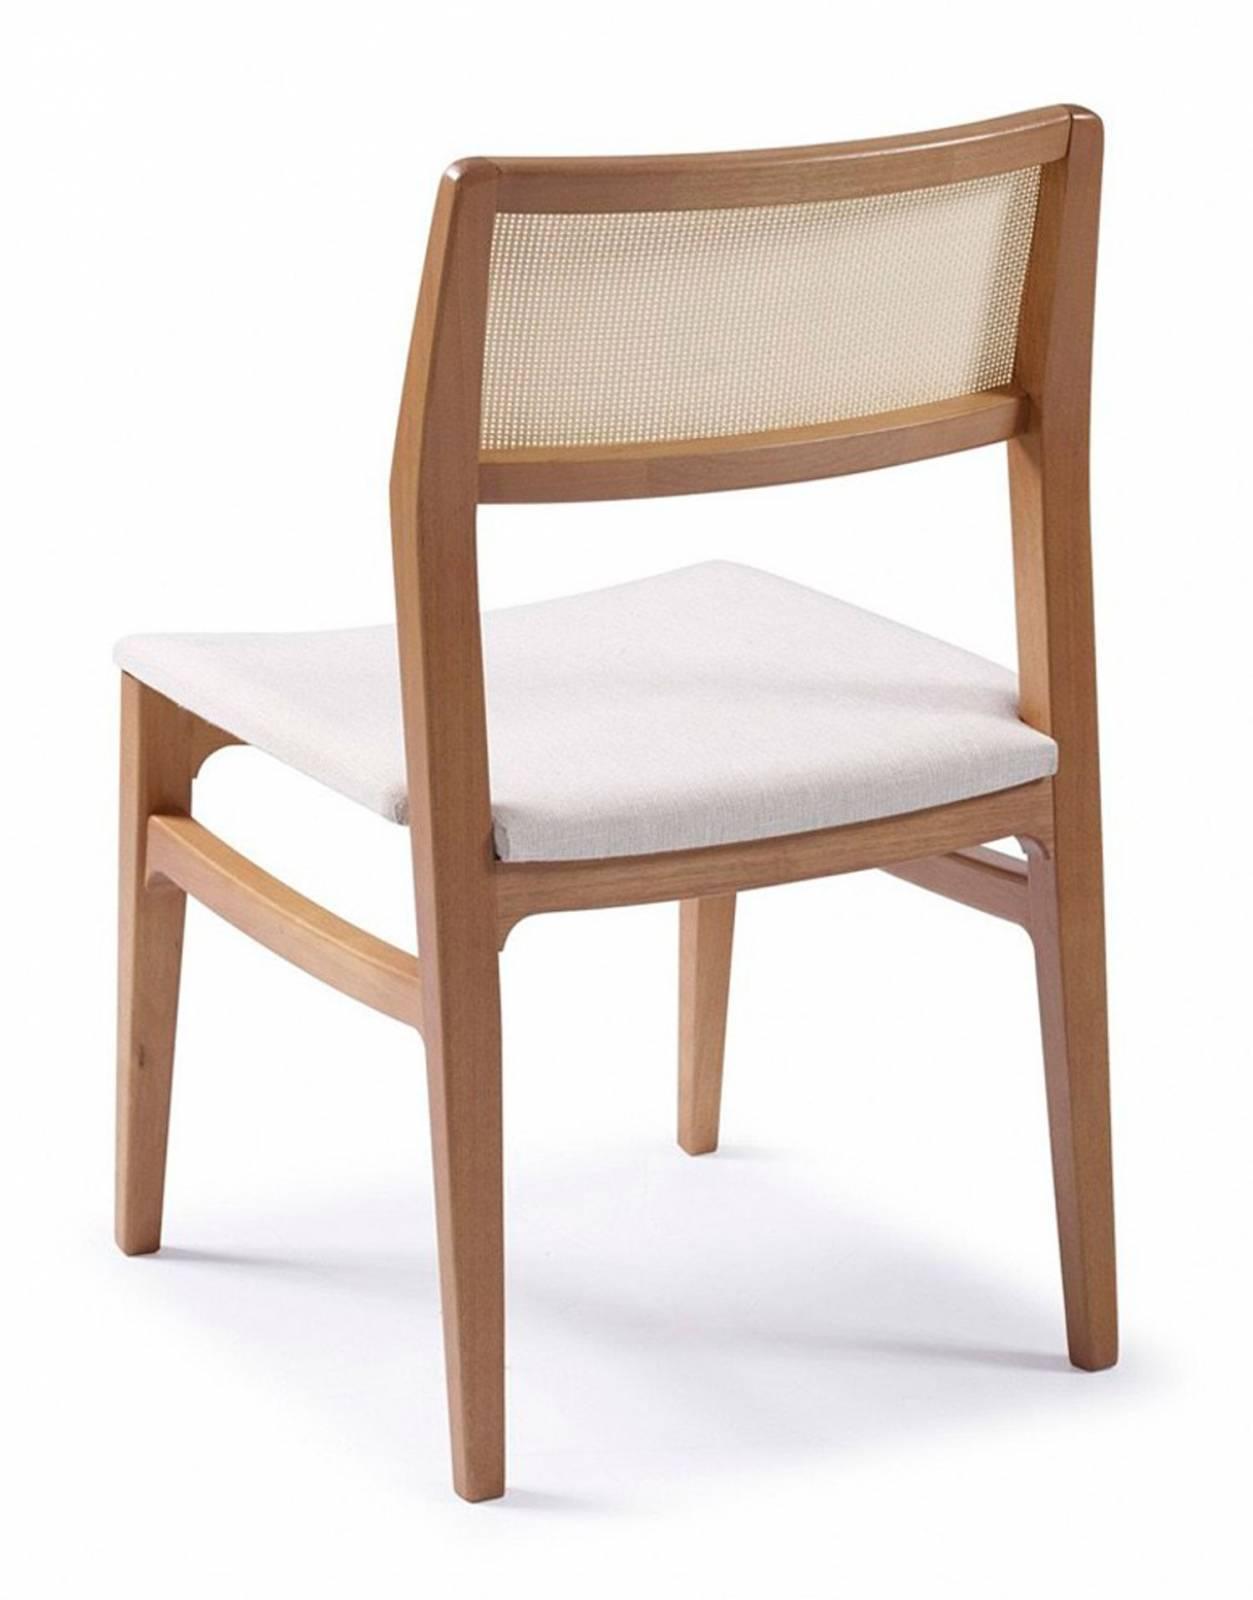 Cadeira Damata sem braço Móveis Rudnick - All Home